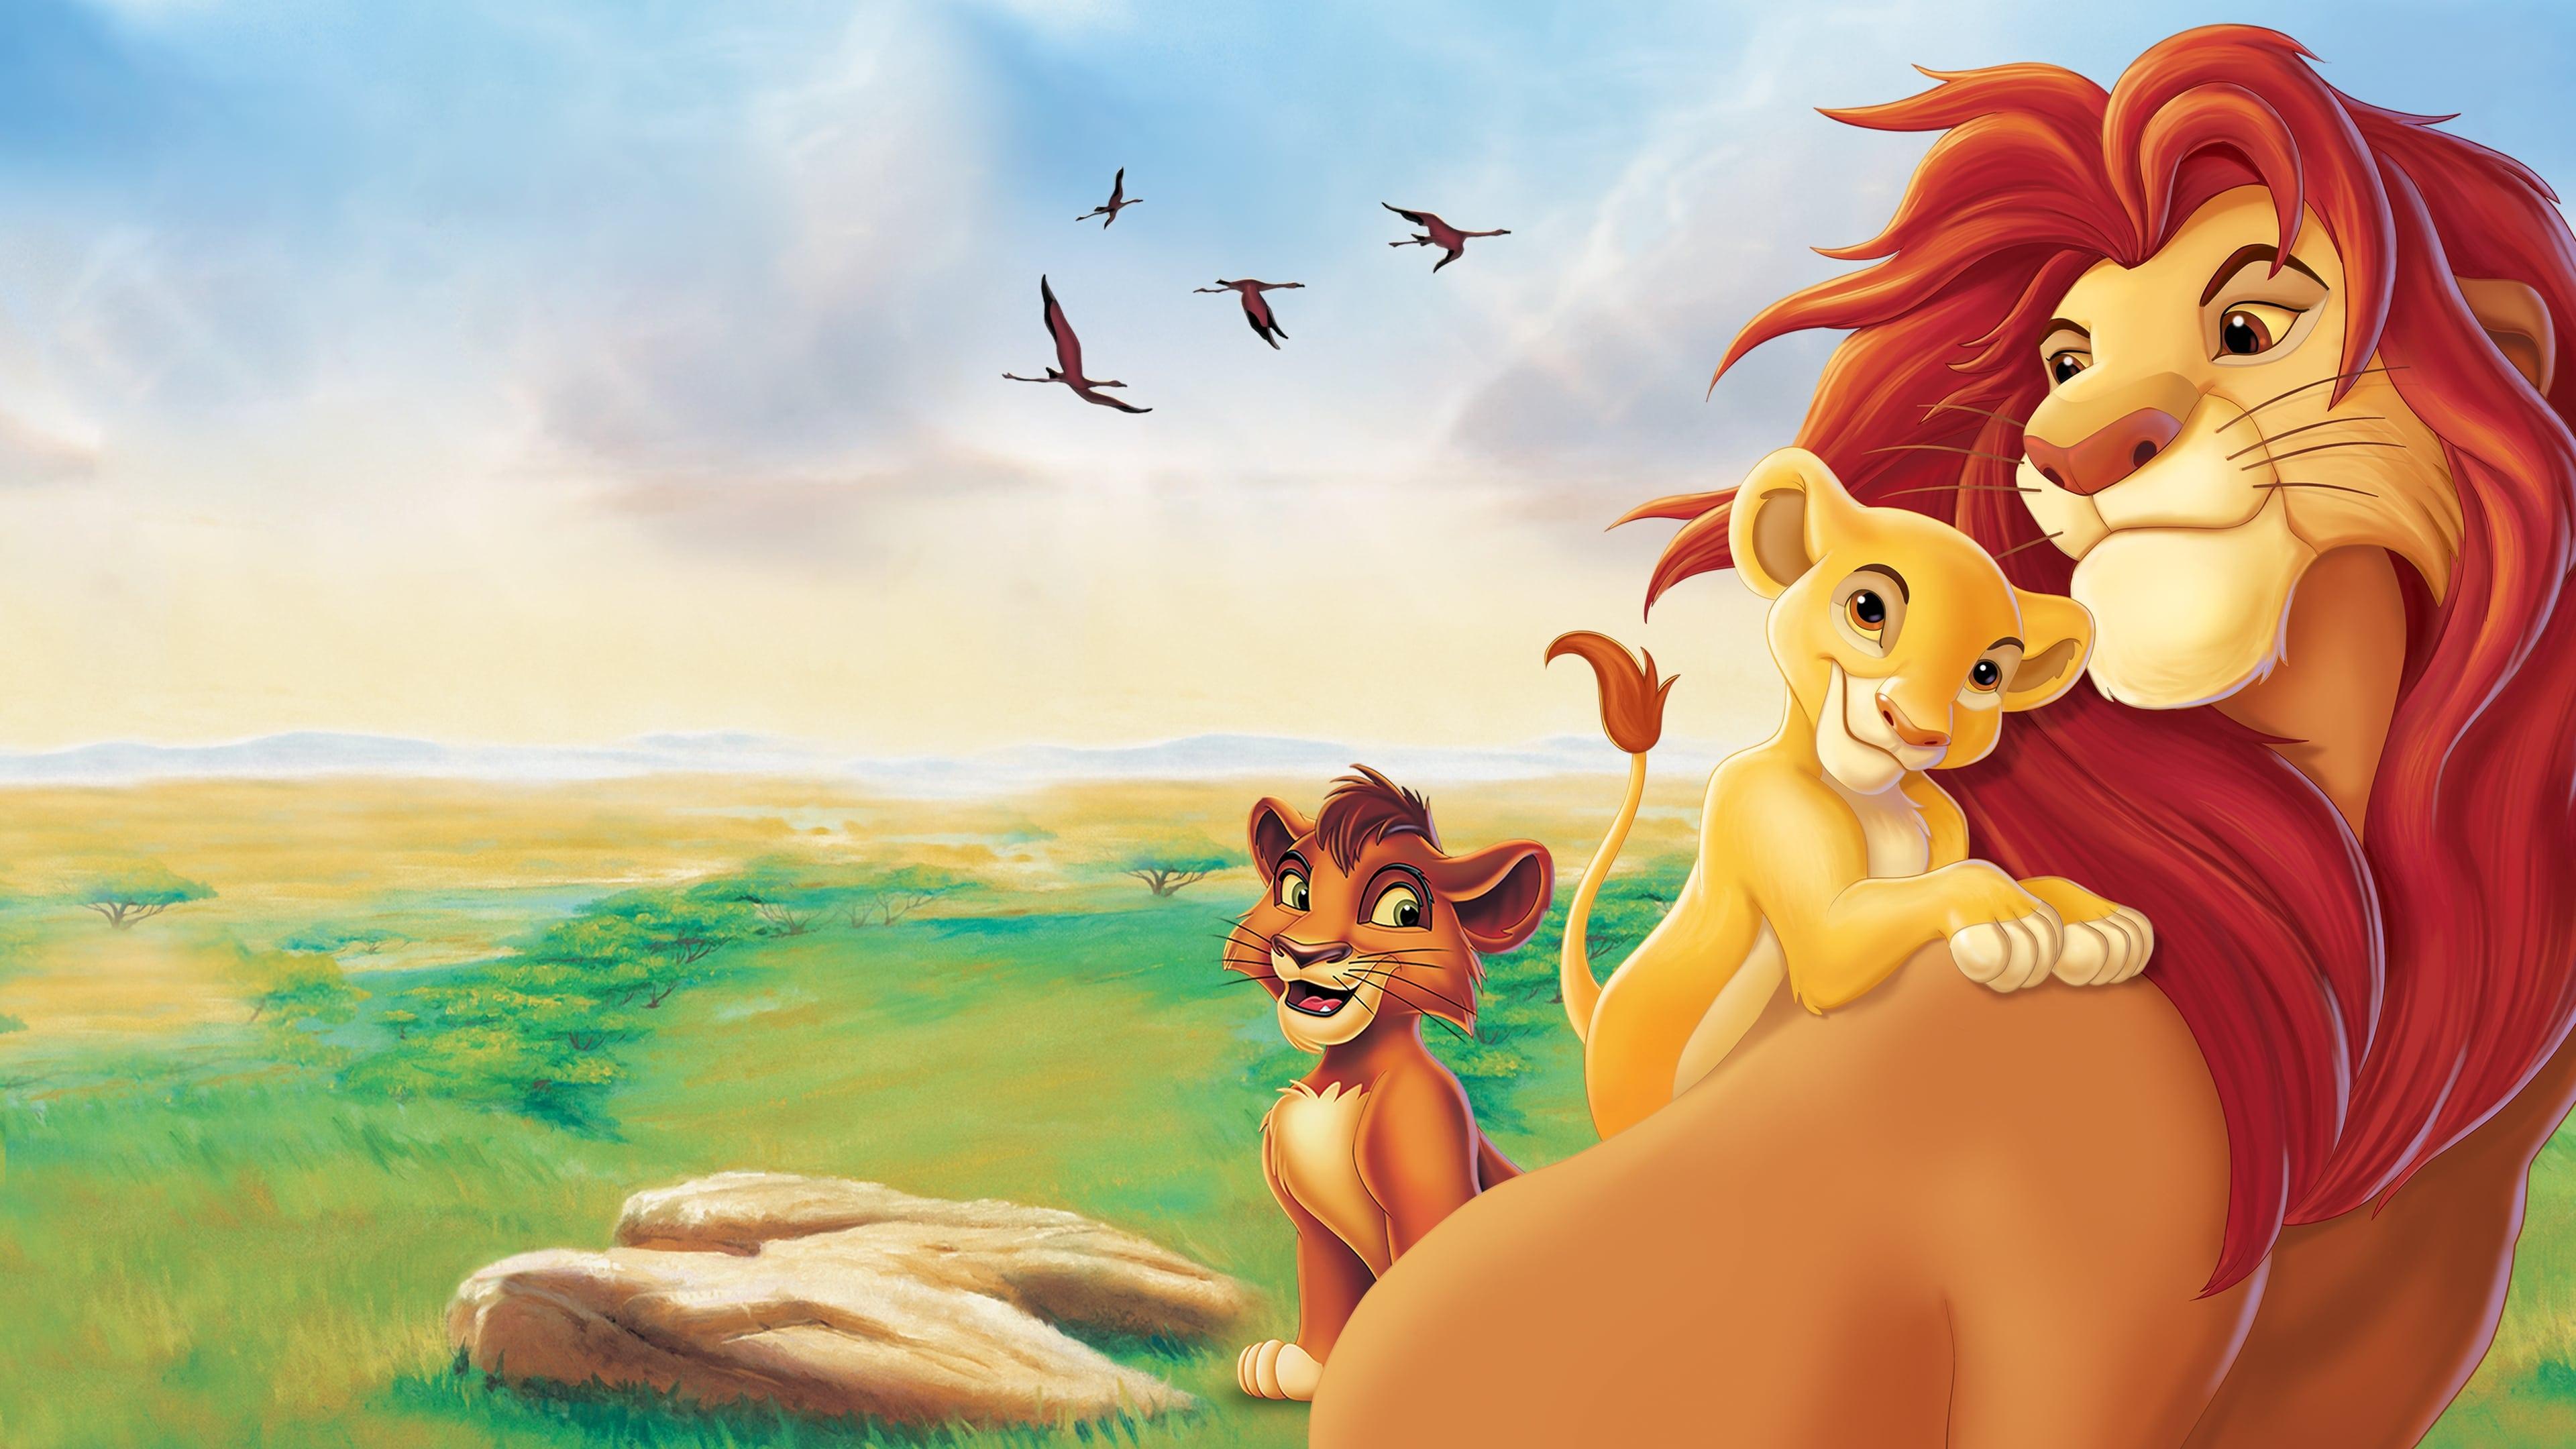 El rey león 2: El tesoro de Simba 1998